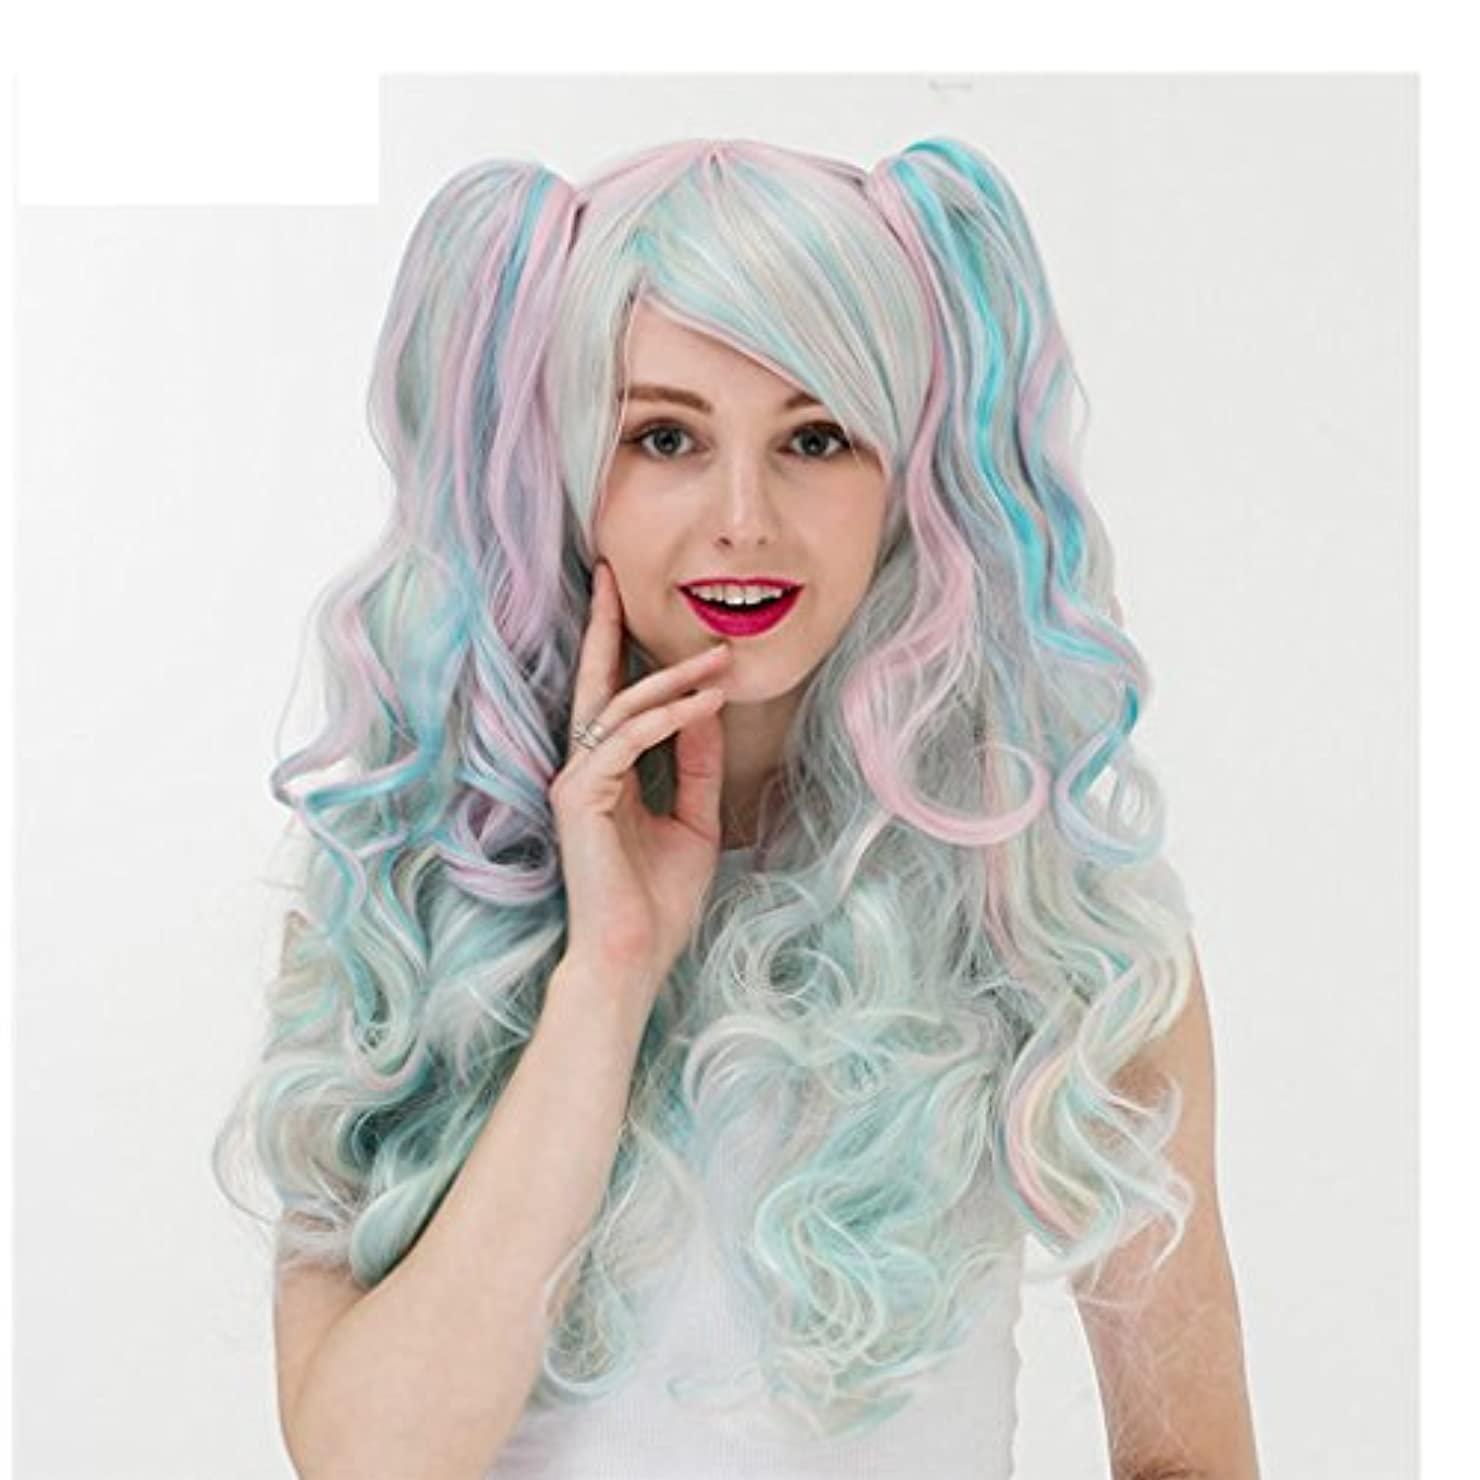 障害者ミトン屋内で女性のポニーテール勾配ヨーロッパやアメリカのアニメかつらの長い髪のヘッドギア (Color : GREEN)